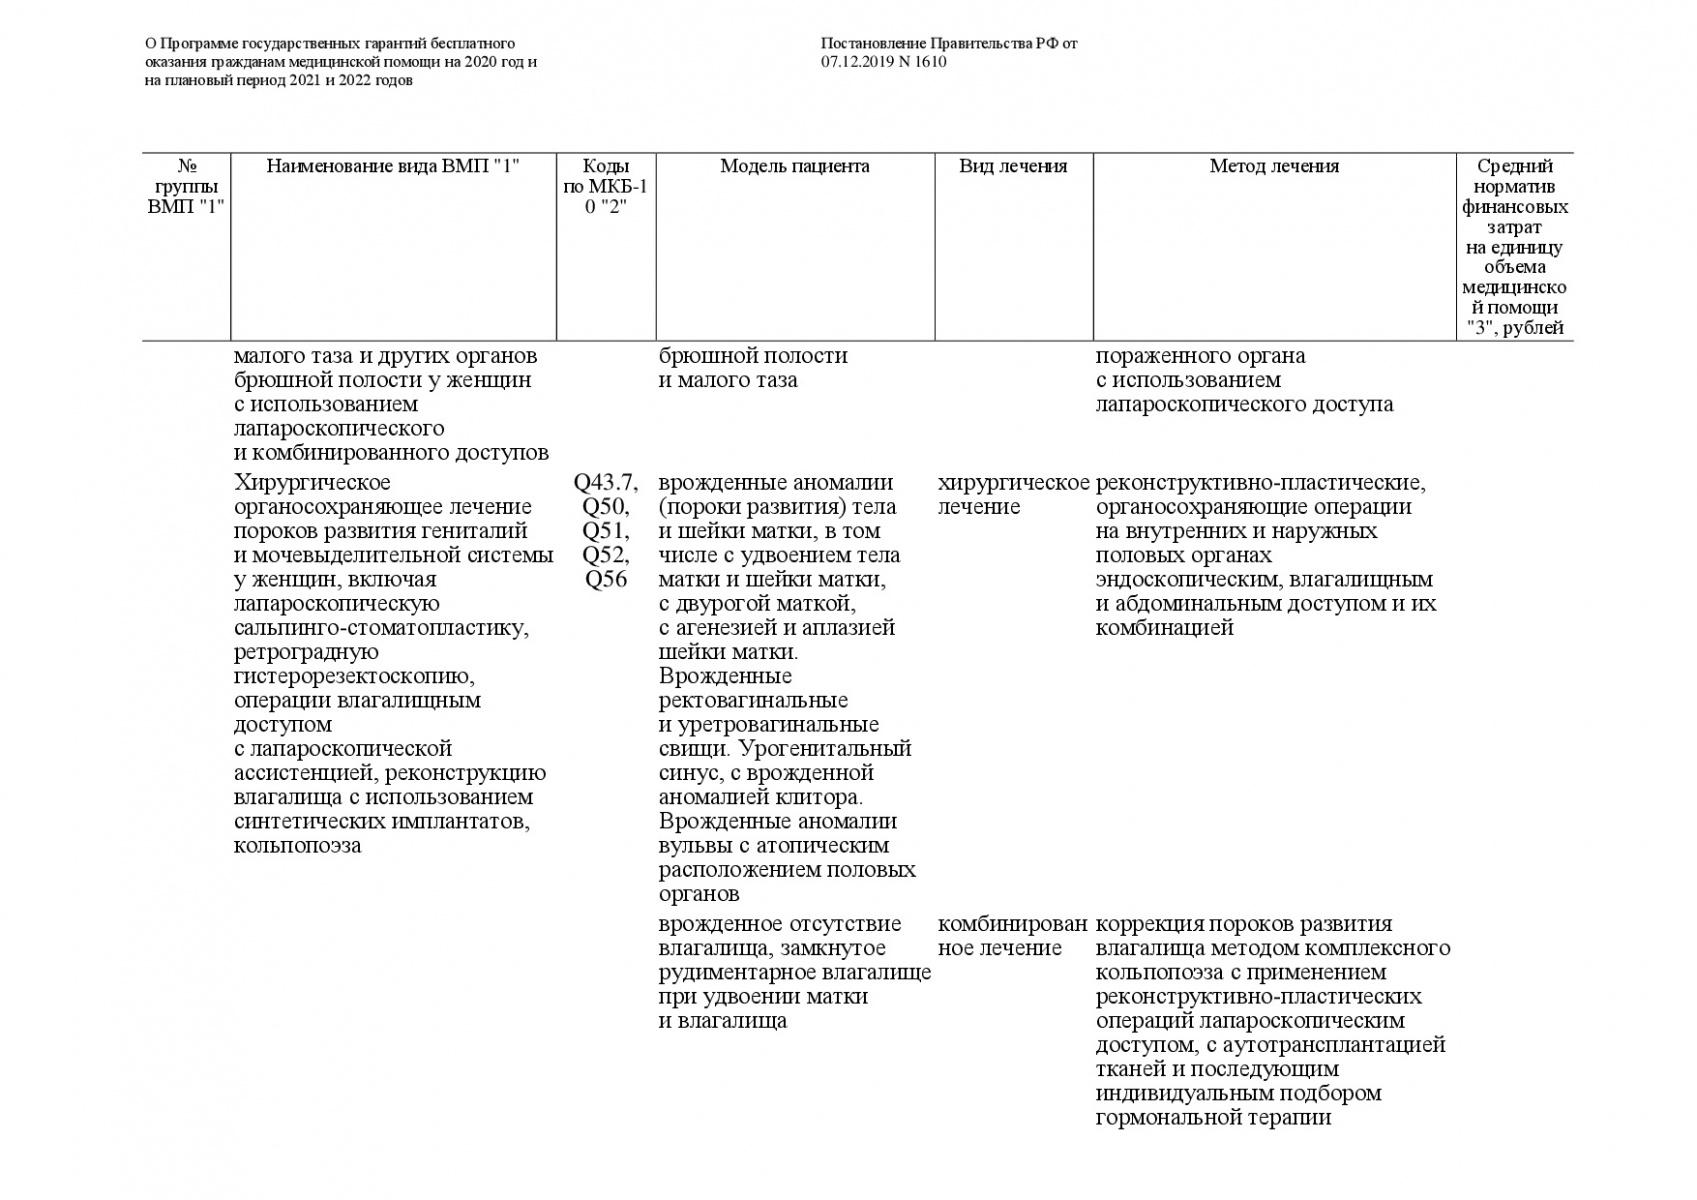 Postanovlenie-Pravitelstva-RF-ot-07_12_2019-1610-O-PGG-142